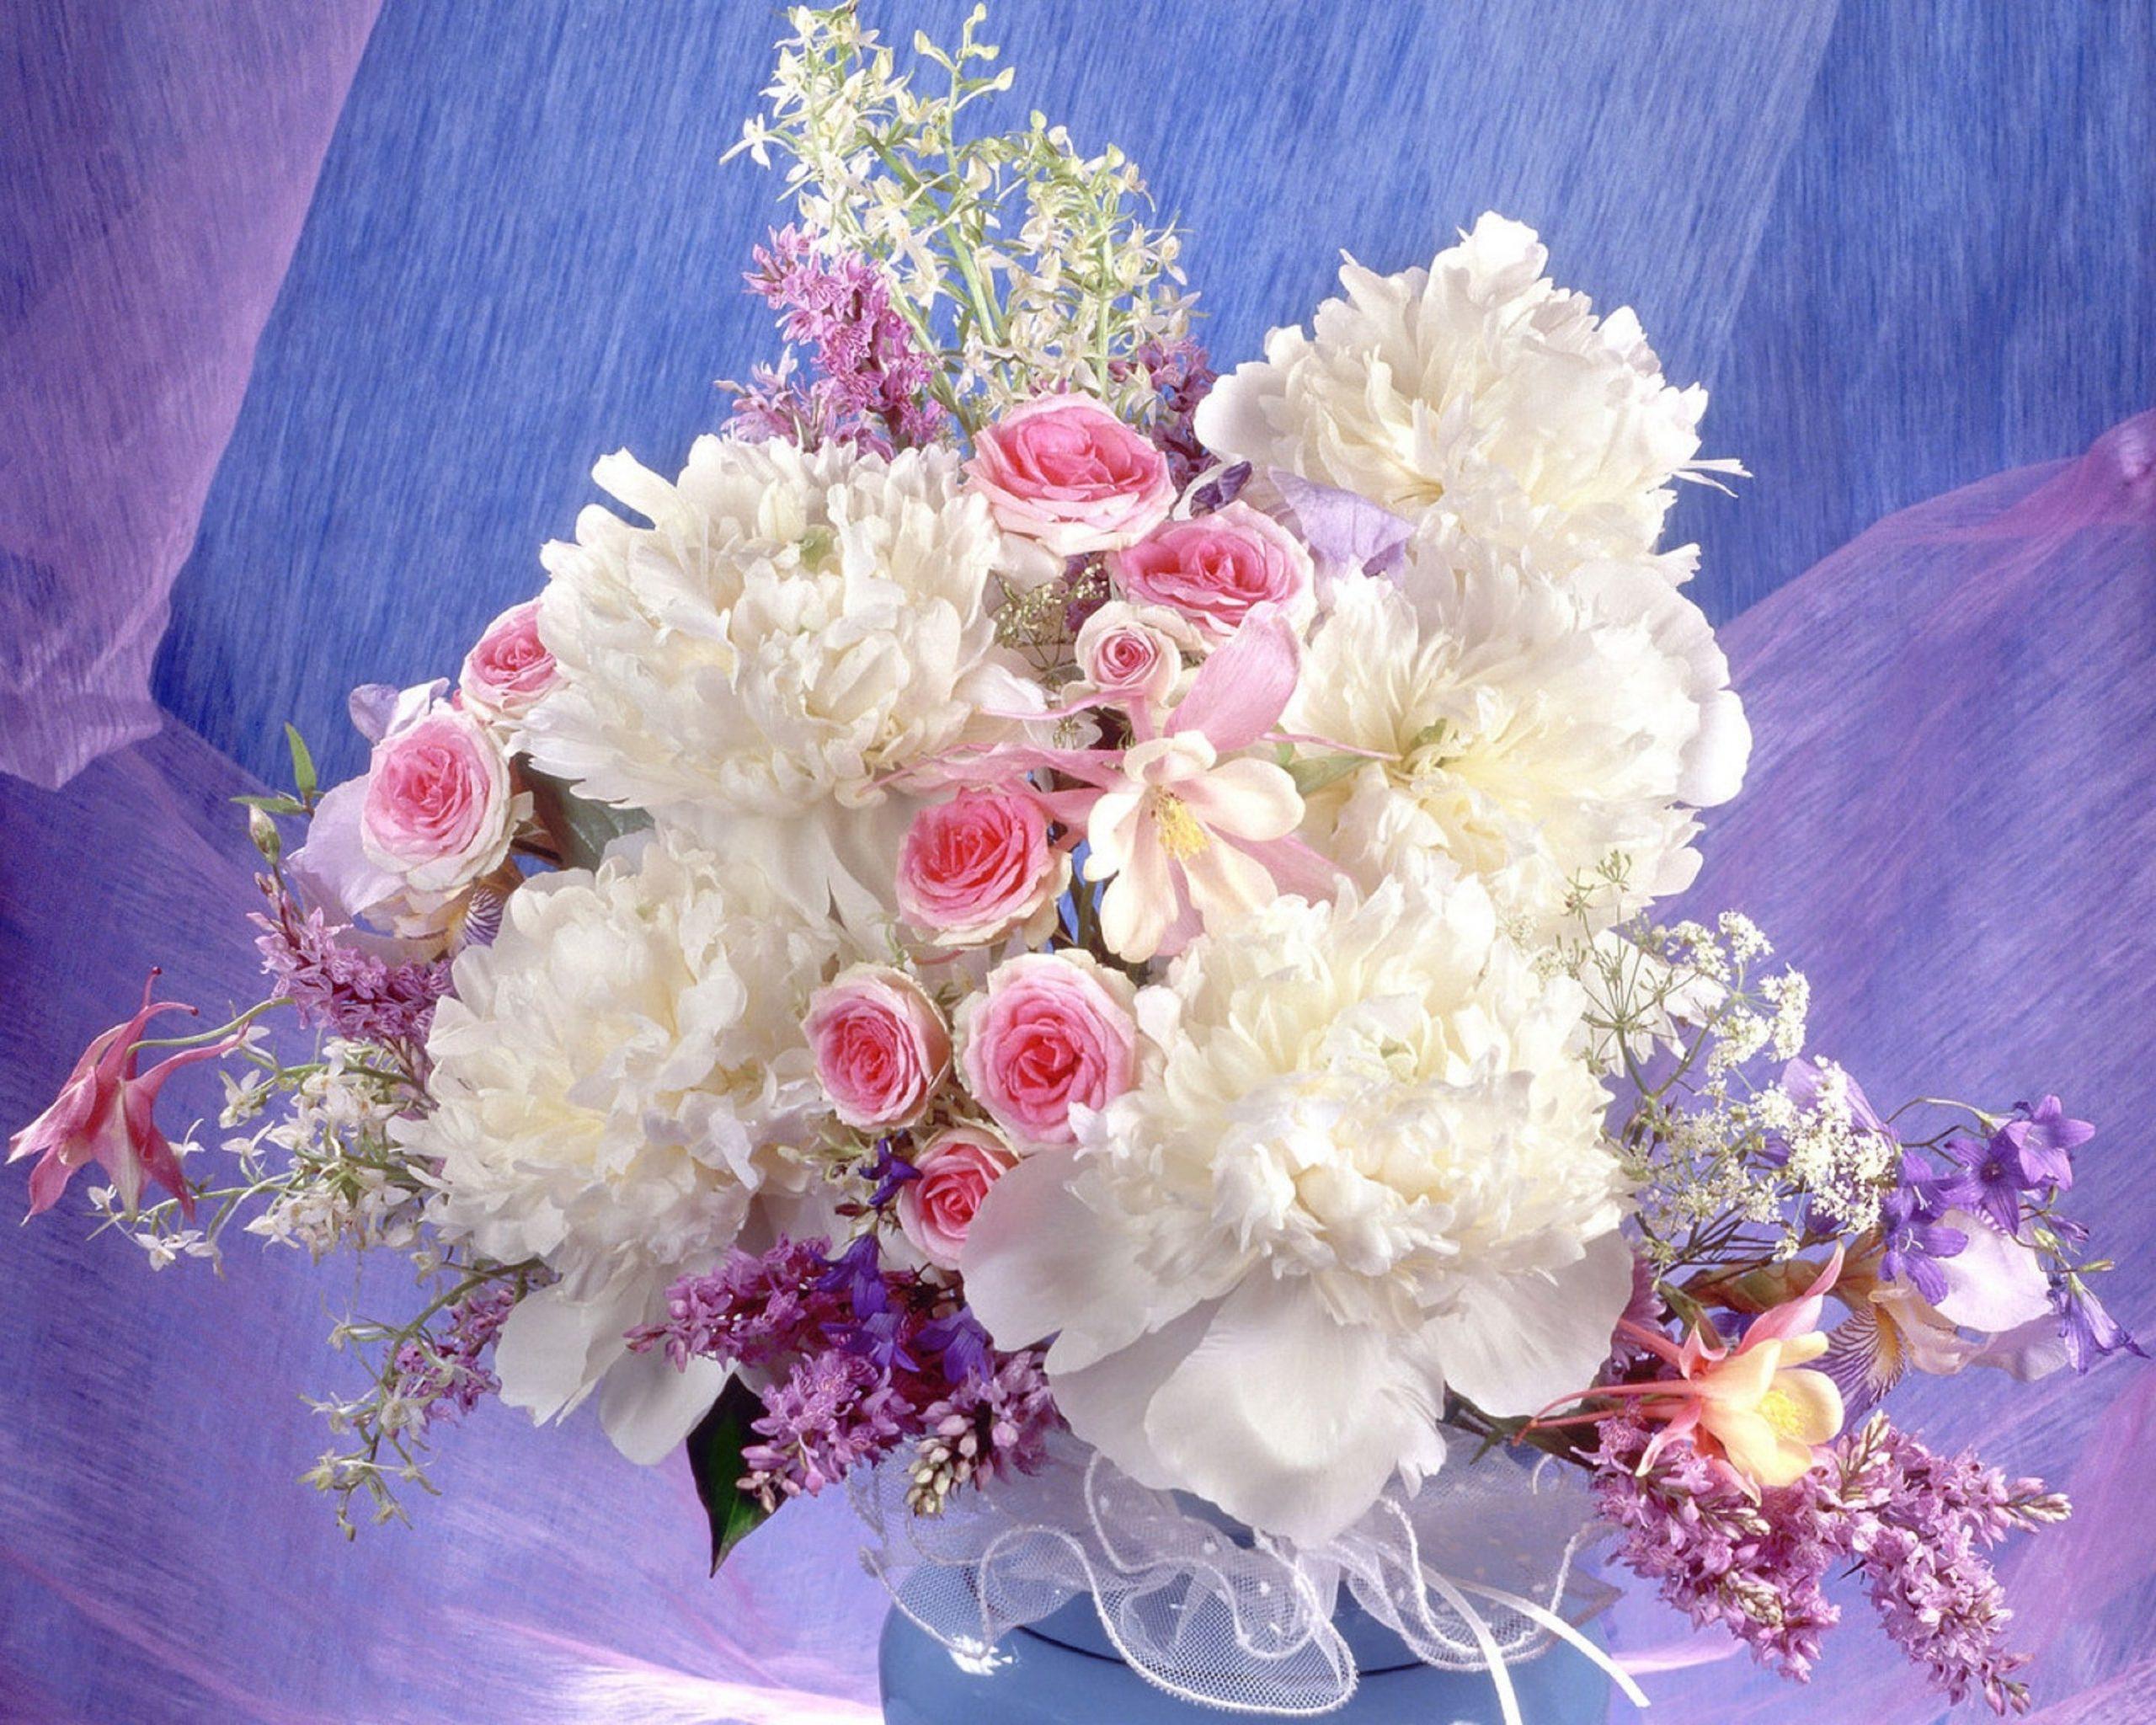 Pfingstrosen, Rosen, Blumen, Lied, Blume, Dekoration in Bilder Blumen Kostenlos